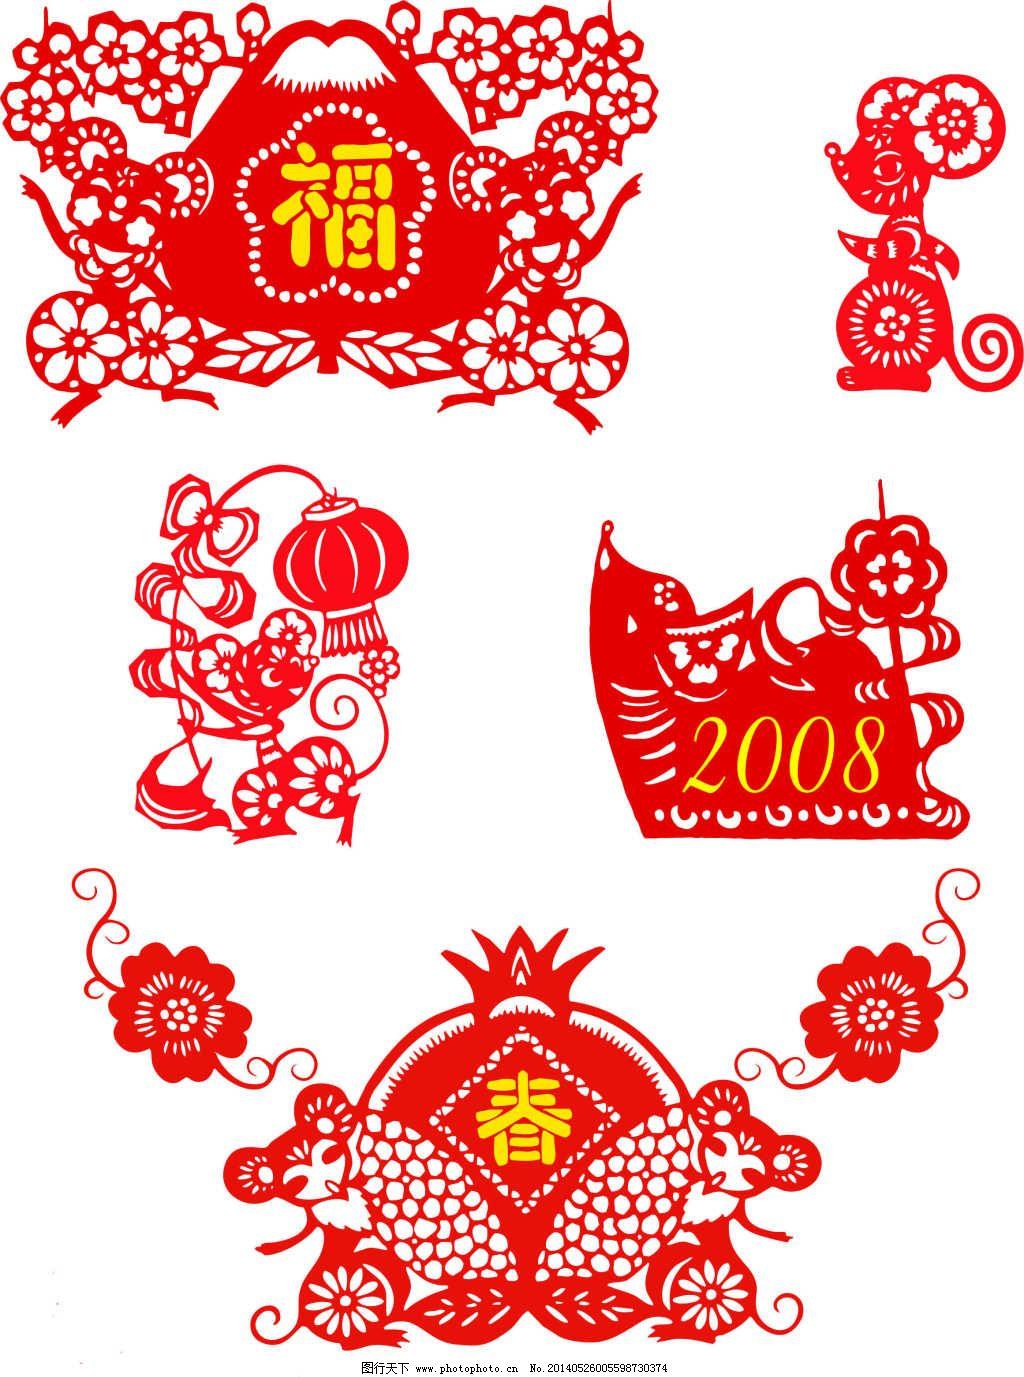 剪纸免费下载 春节 过年 红火 花边 花纹 吉祥 如意 年味窗花剪纸素材